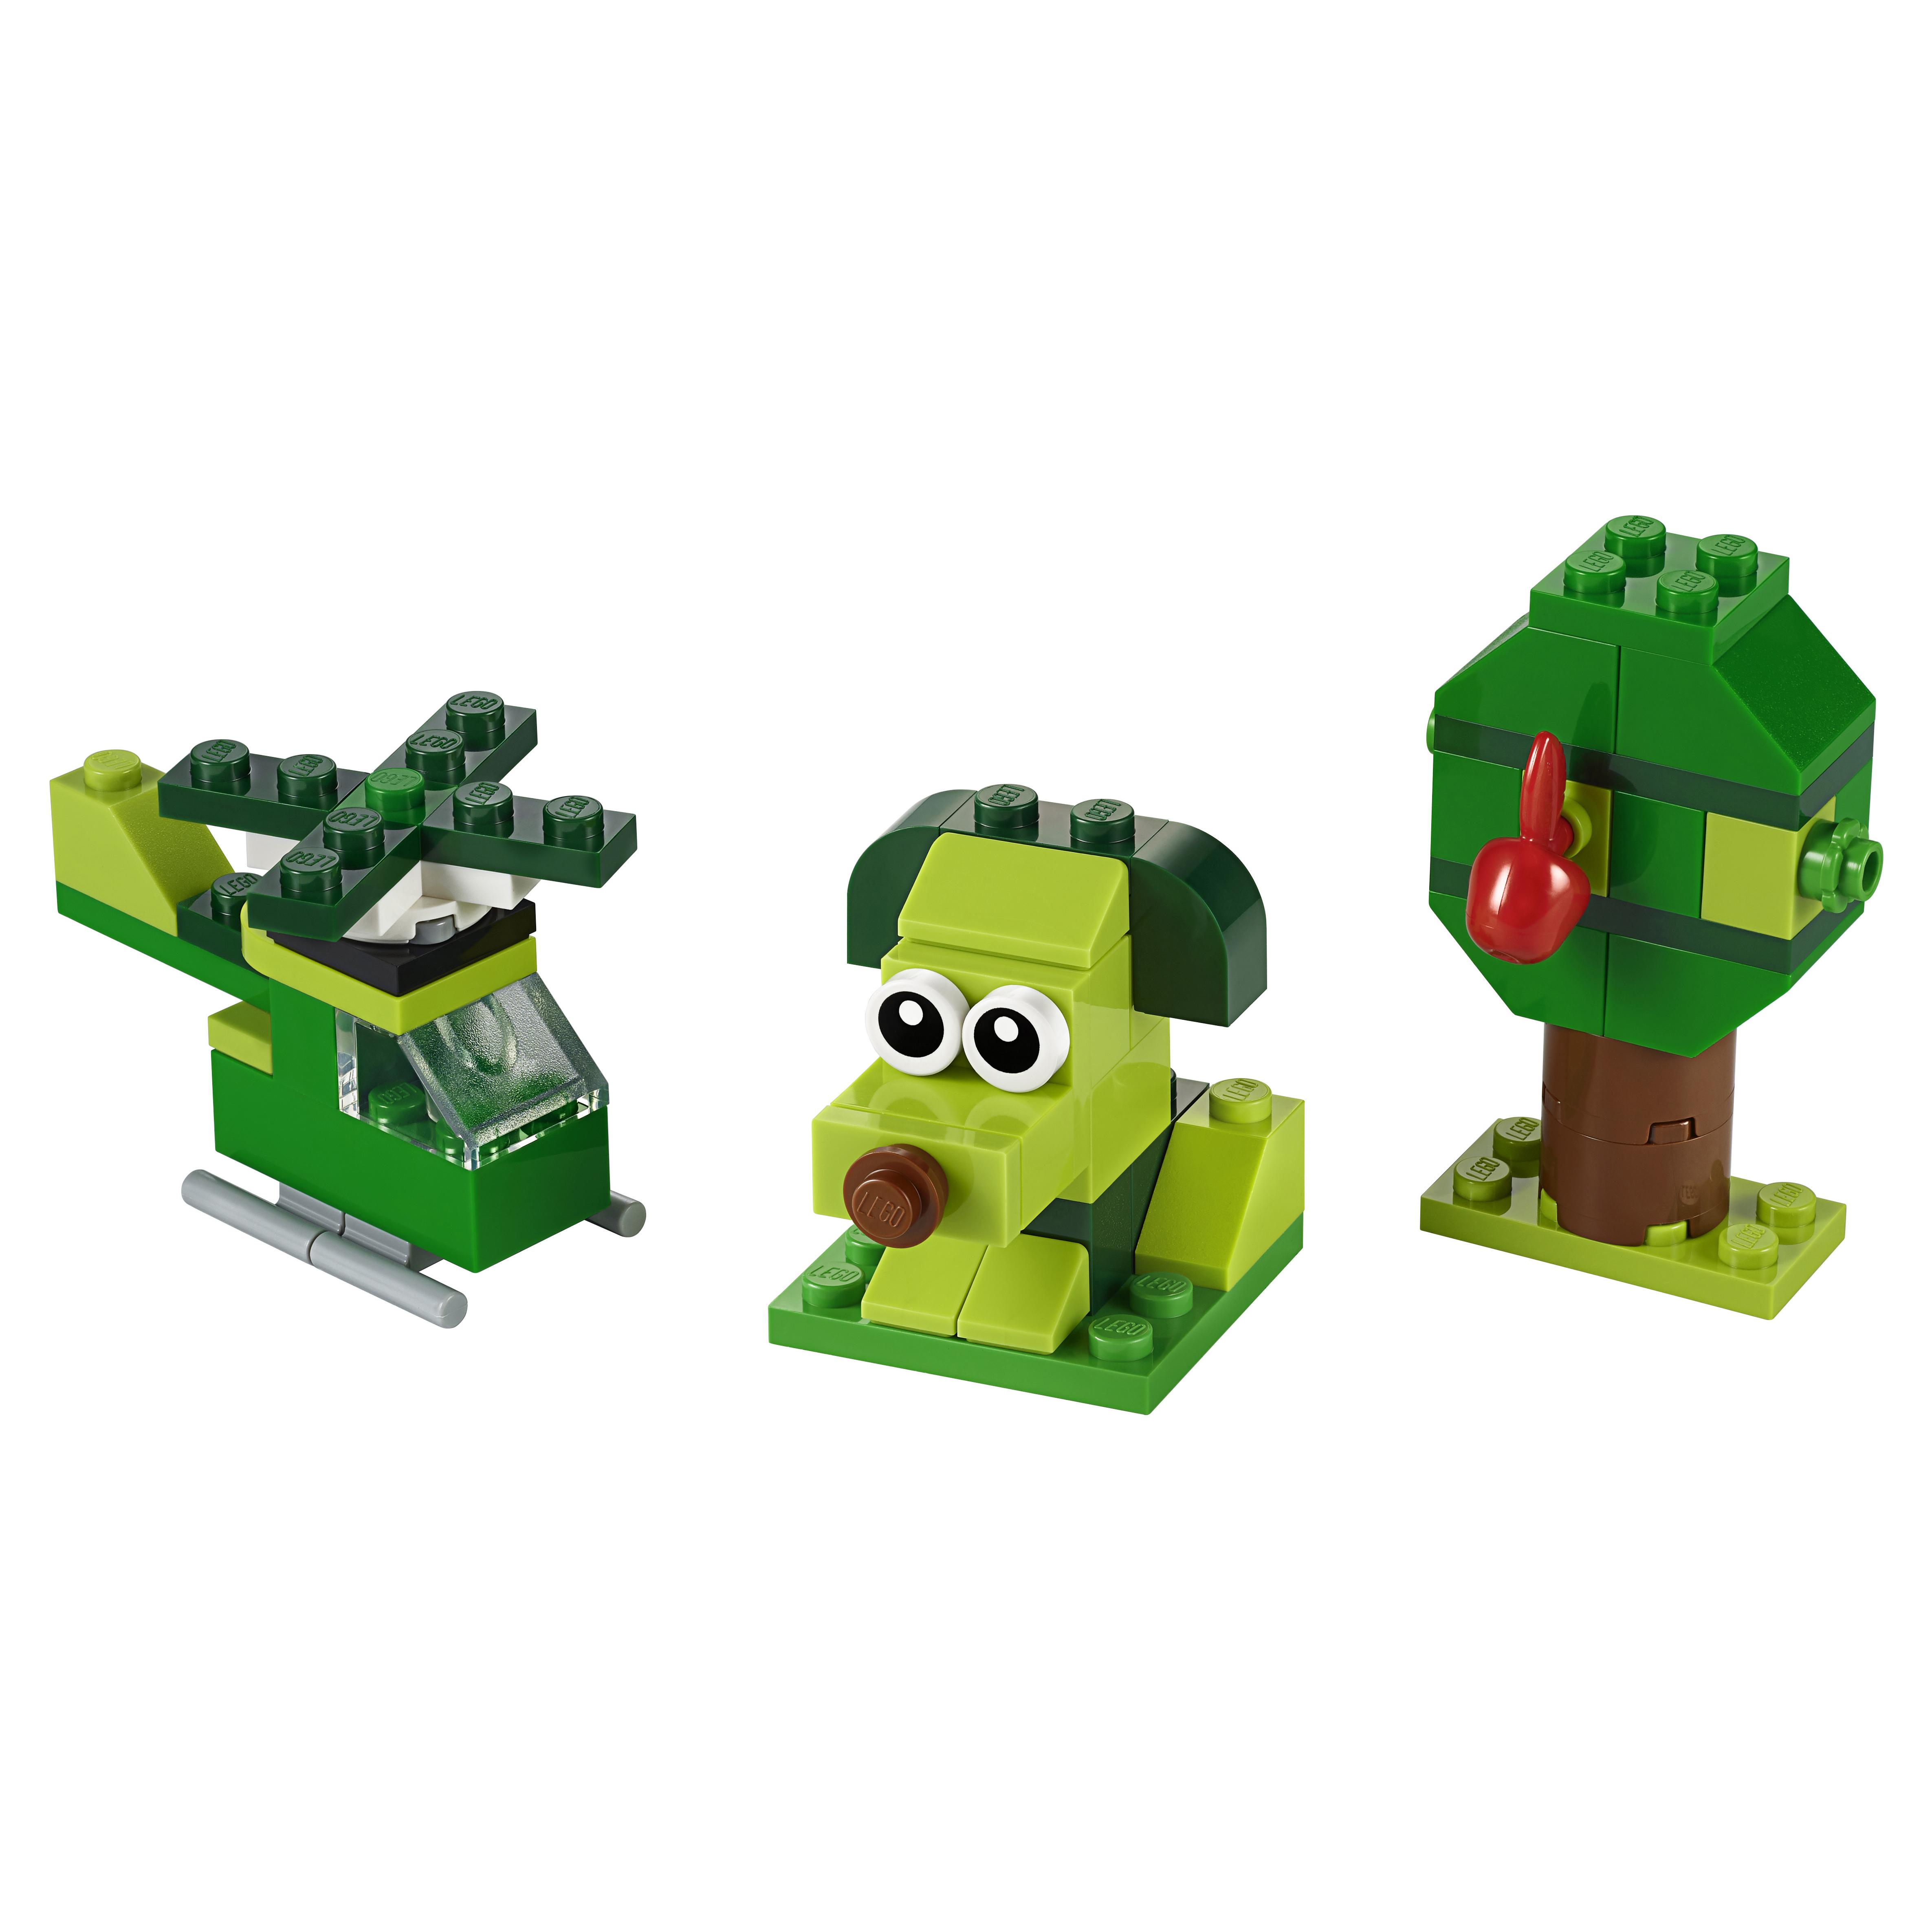 Купить Конструктор LEGO Classic 11007 Зелёный набор для конструирования, LEGO для девочек